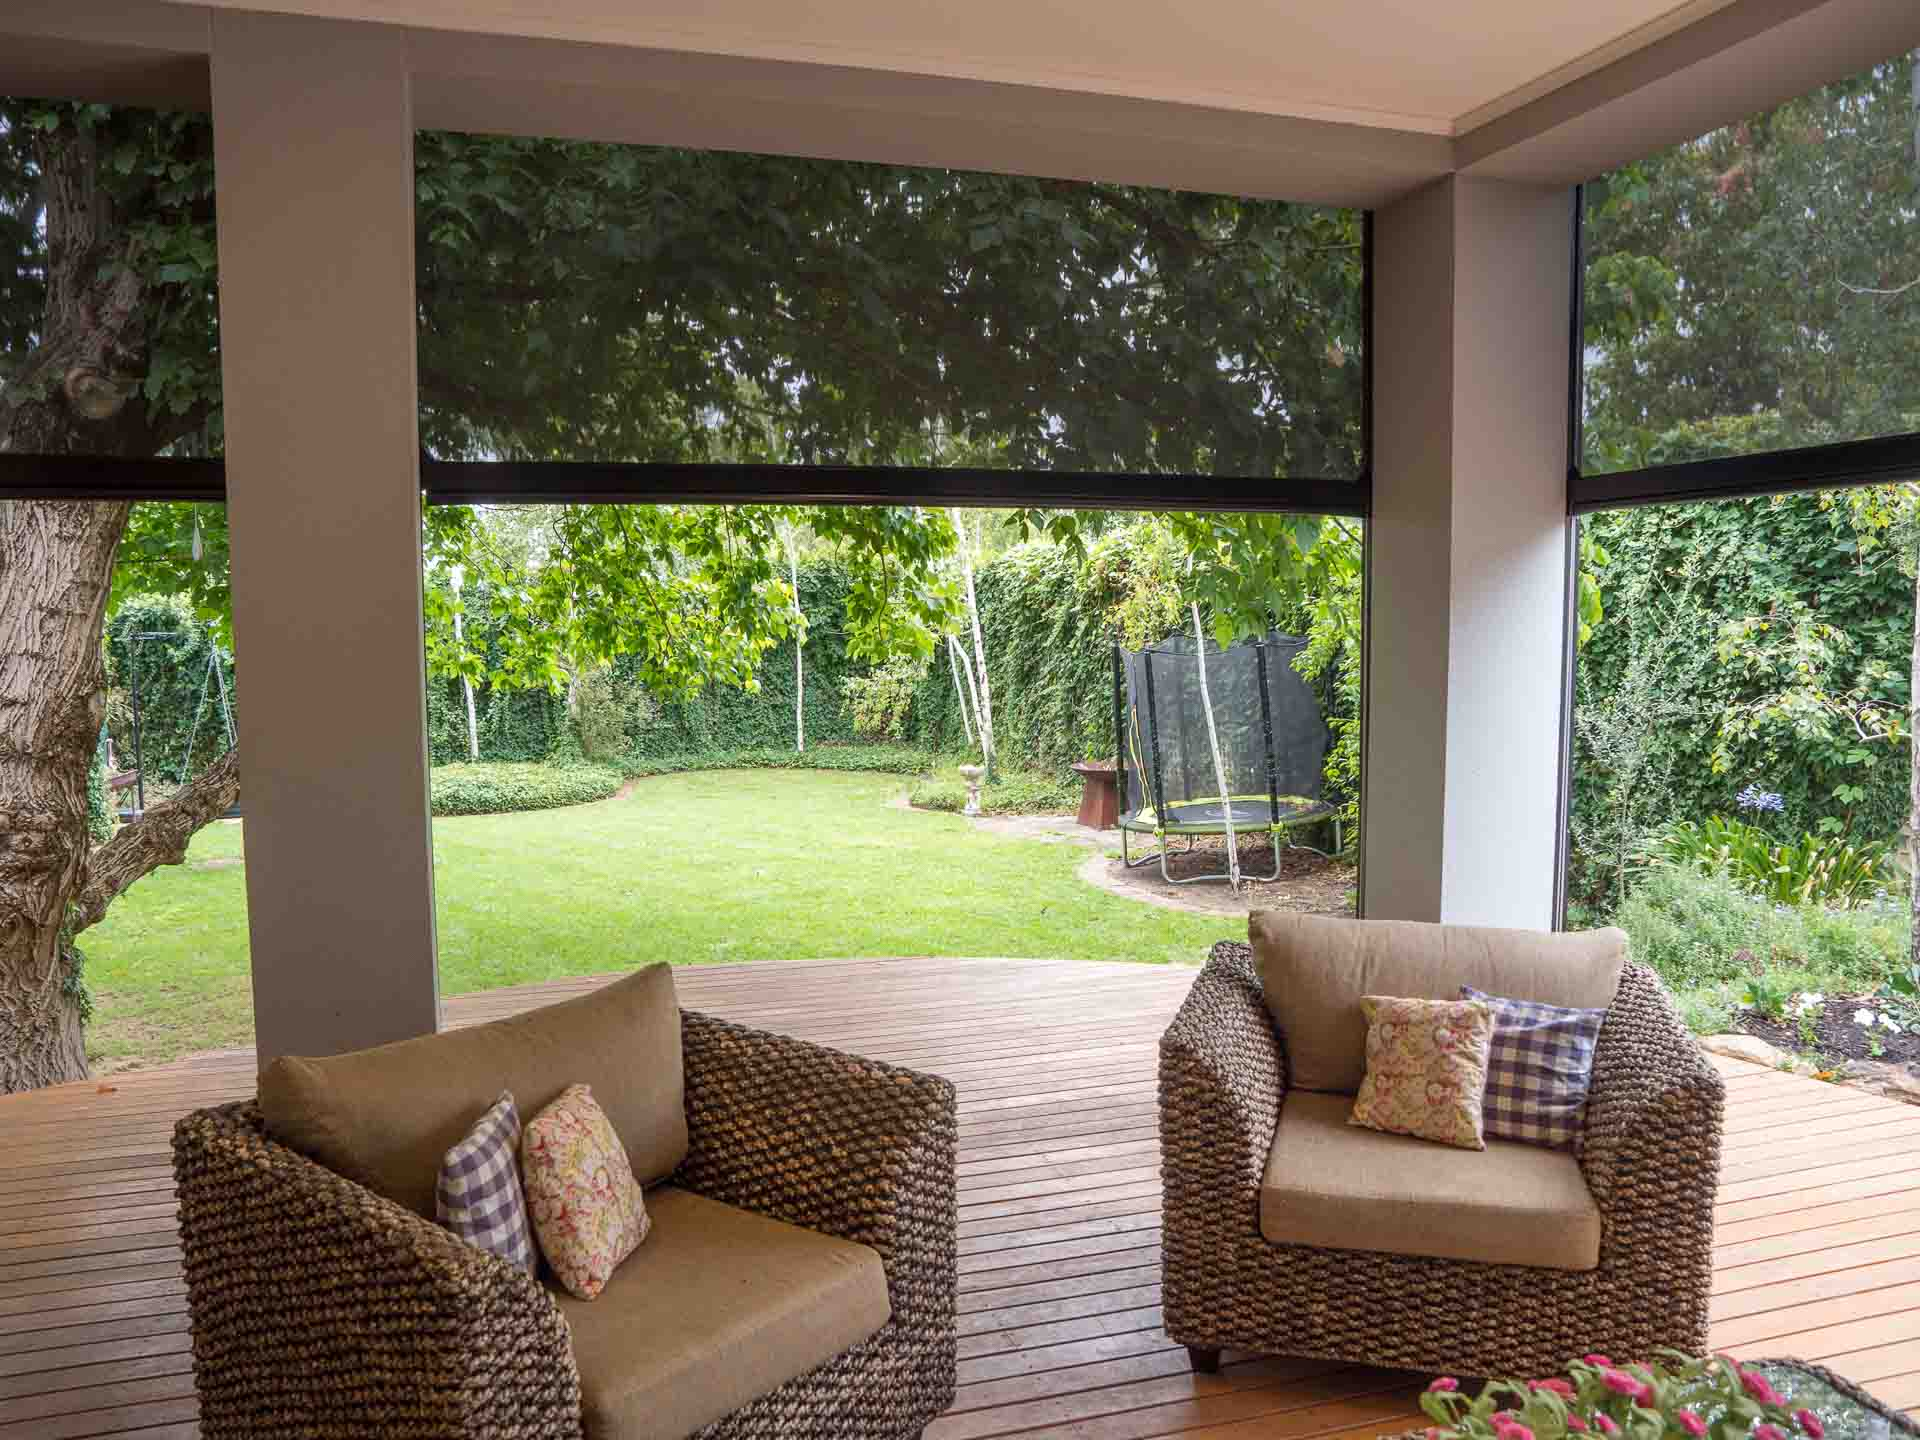 outdoor blinds in Australia